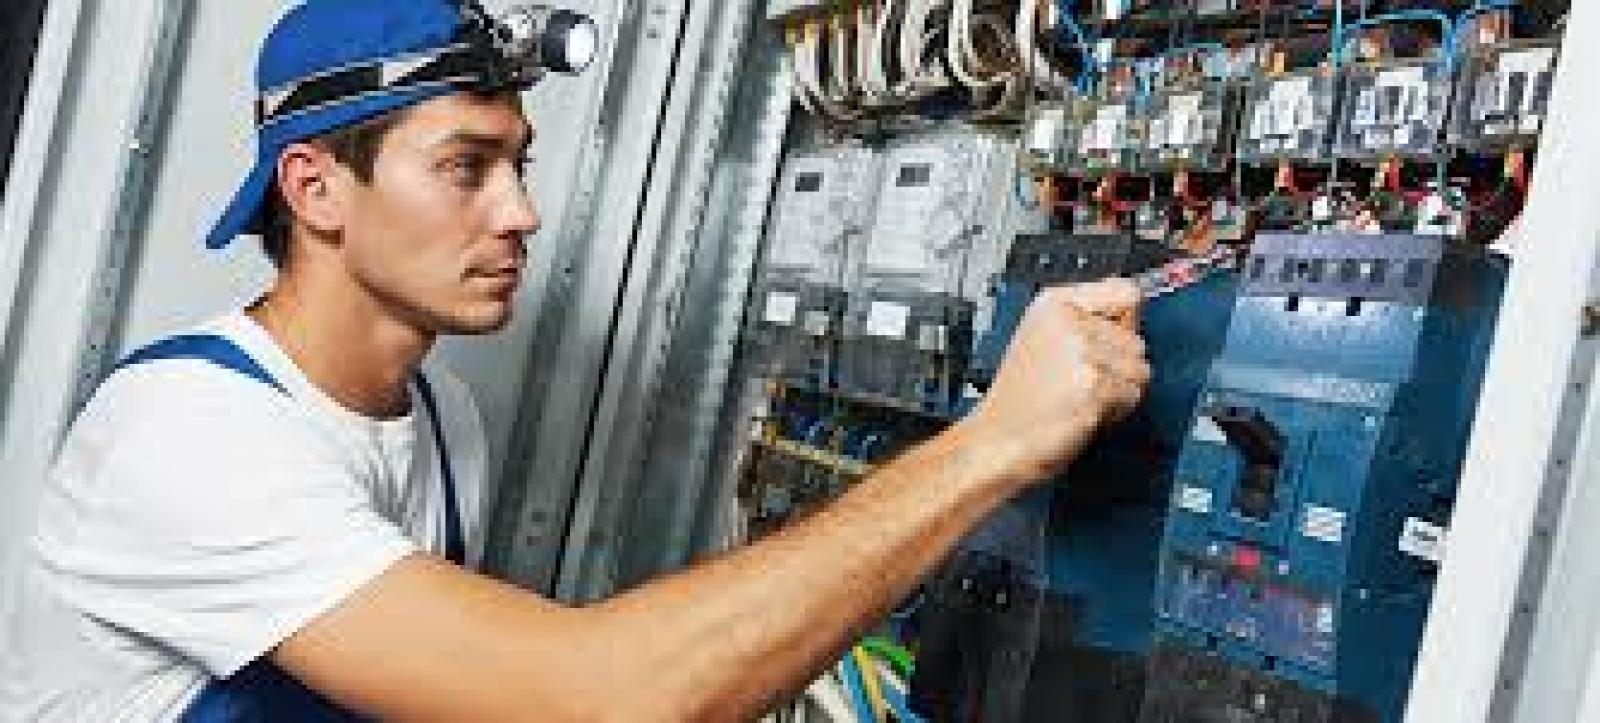 Maa Sharda Electricals